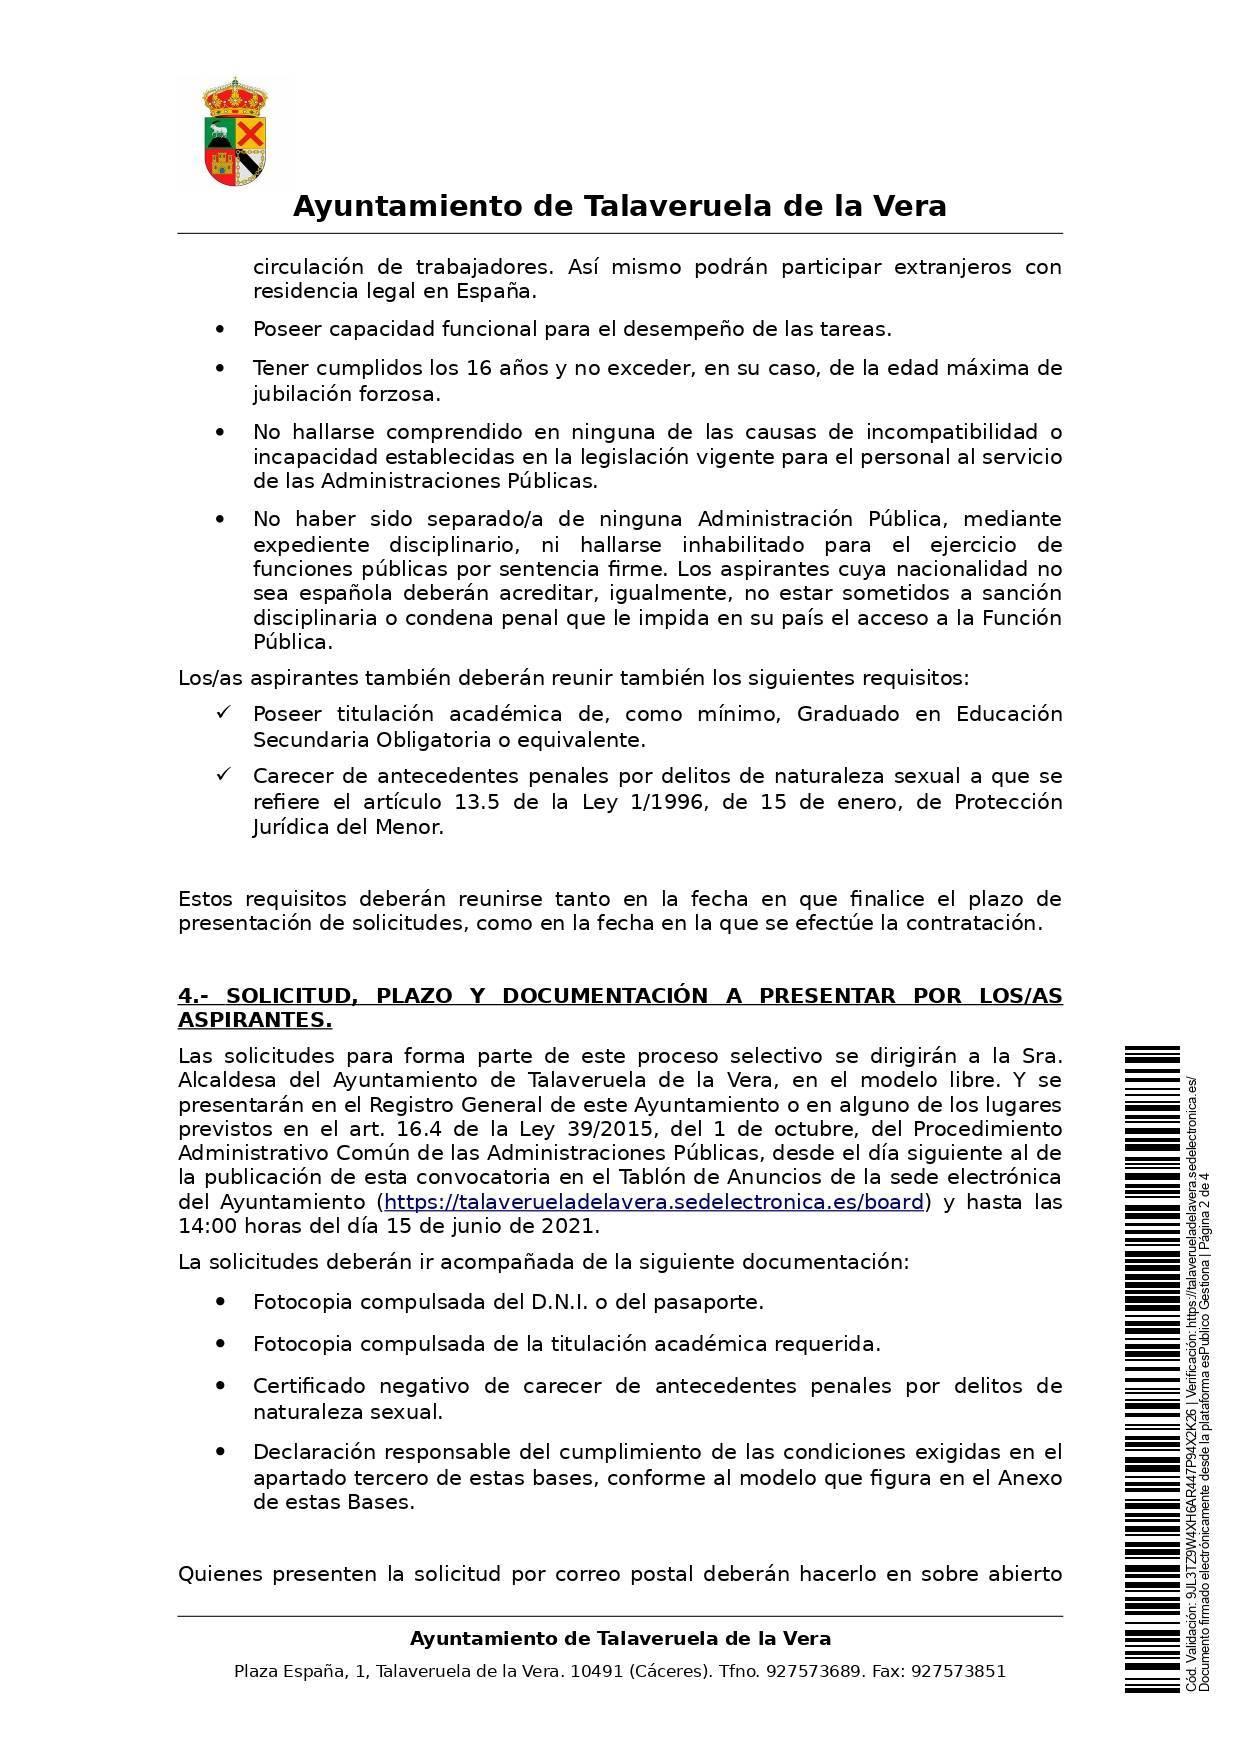 2 taquilleros-as para la piscina municipal (2021) - Talaveruela de la Vera (Cáceres) 2